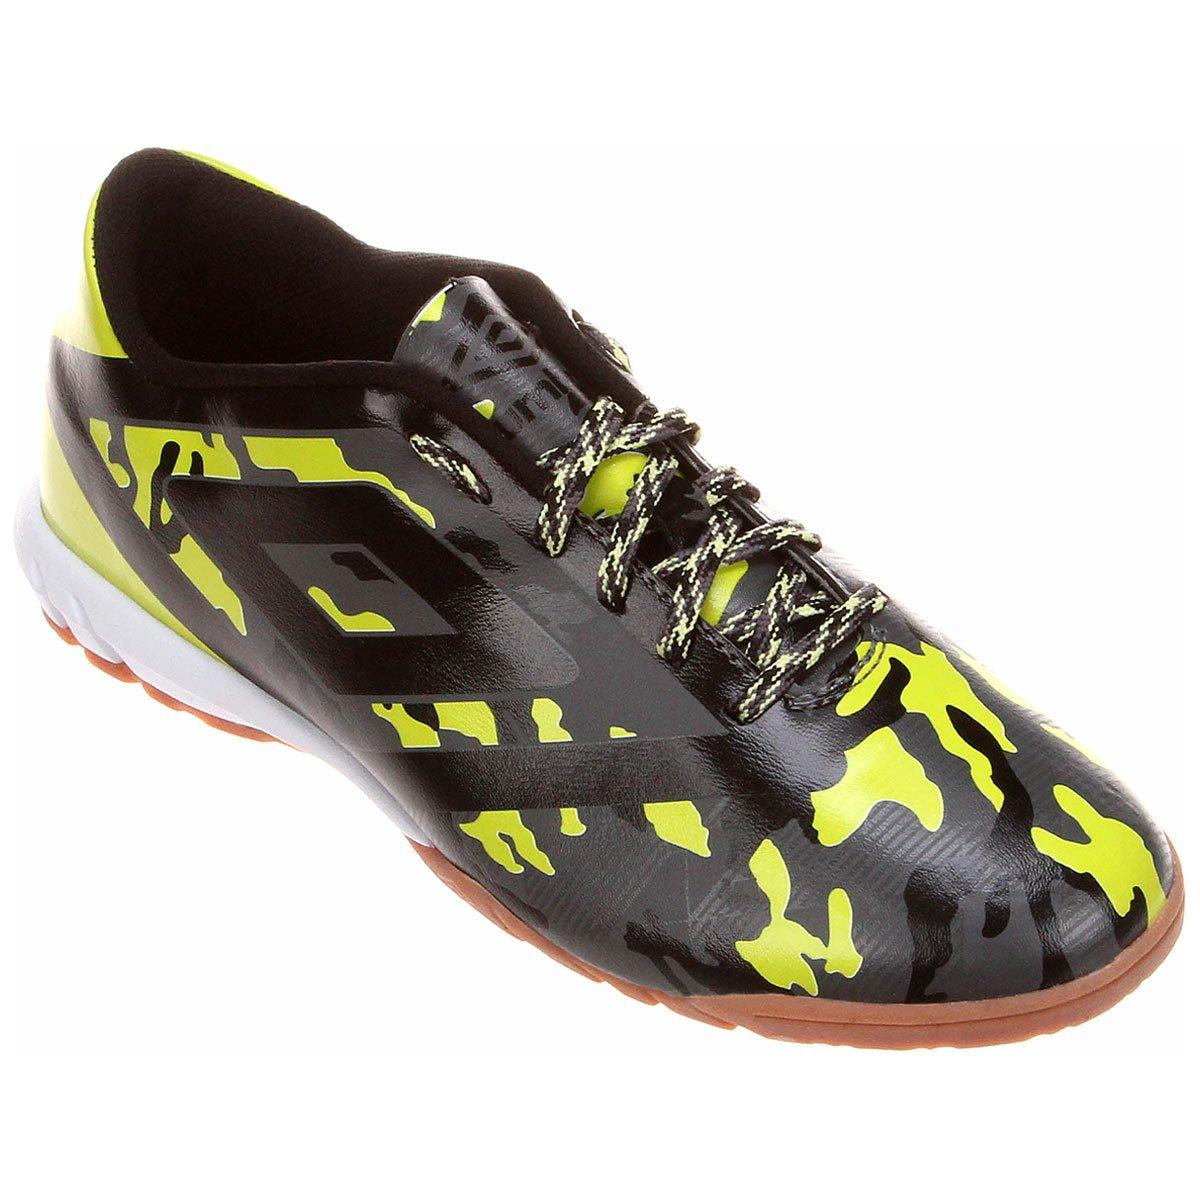 Chuteira Umbro Geo Flare 2 League Futsal - Compre Agora  621fbd7704908